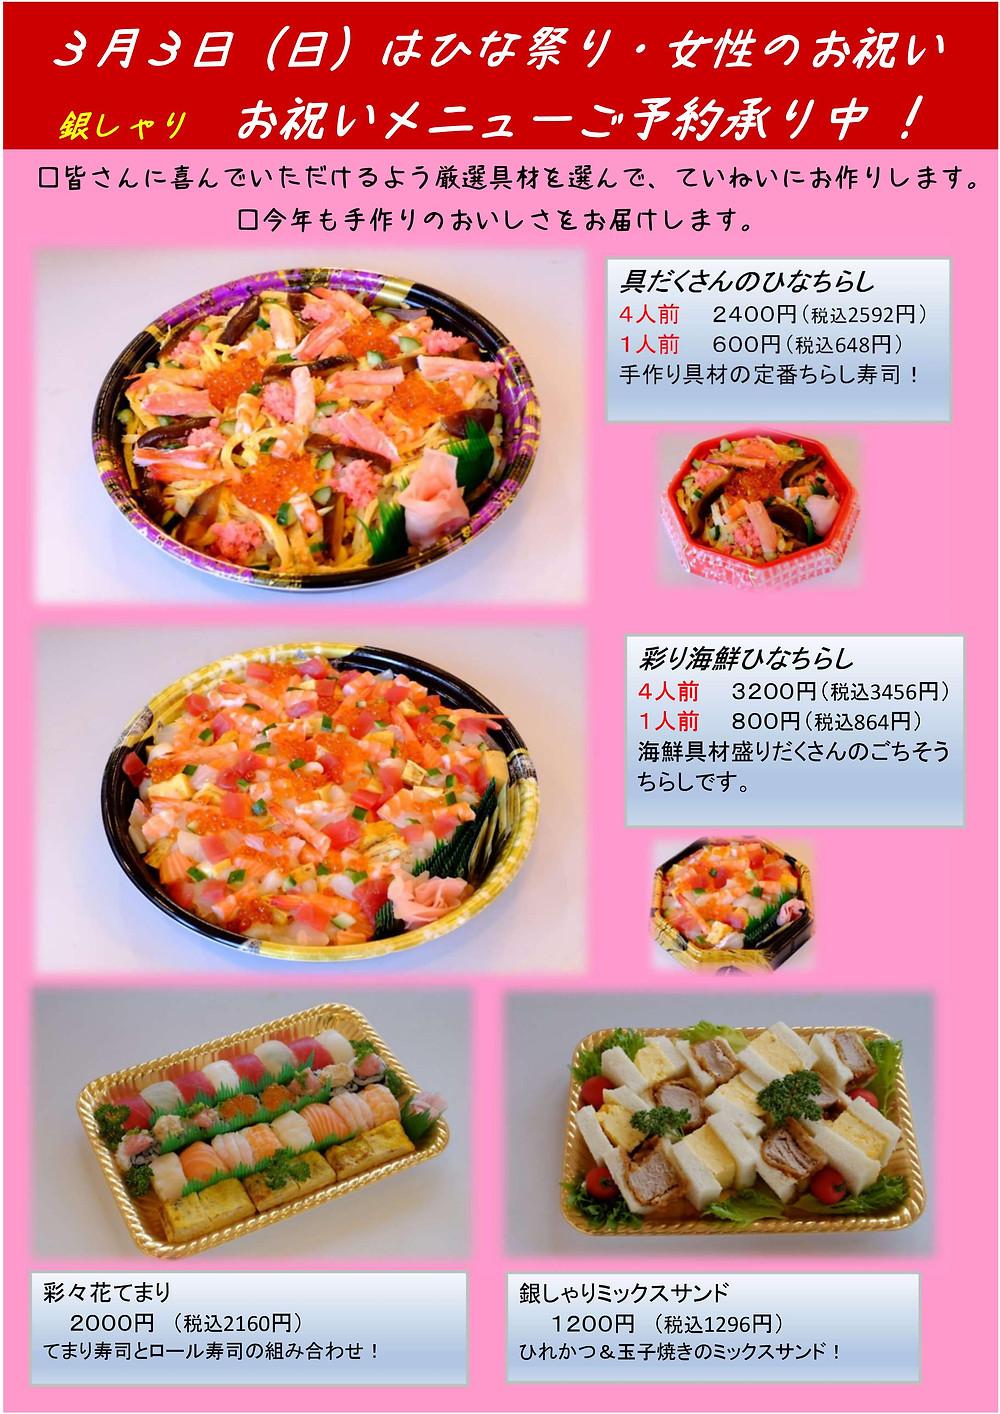 雛ちらし寿司写真-1